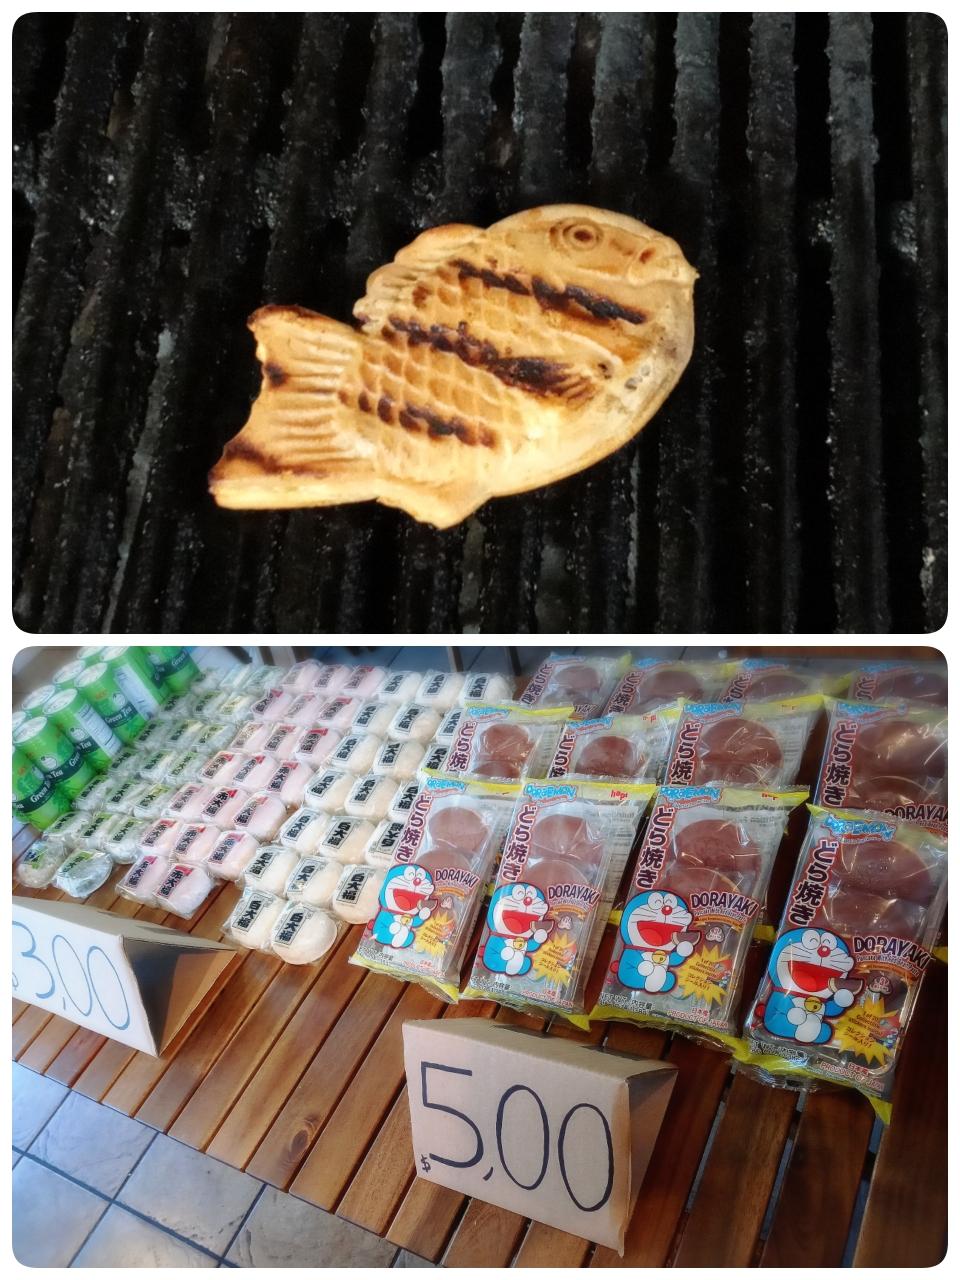 たい焼きと和菓子類